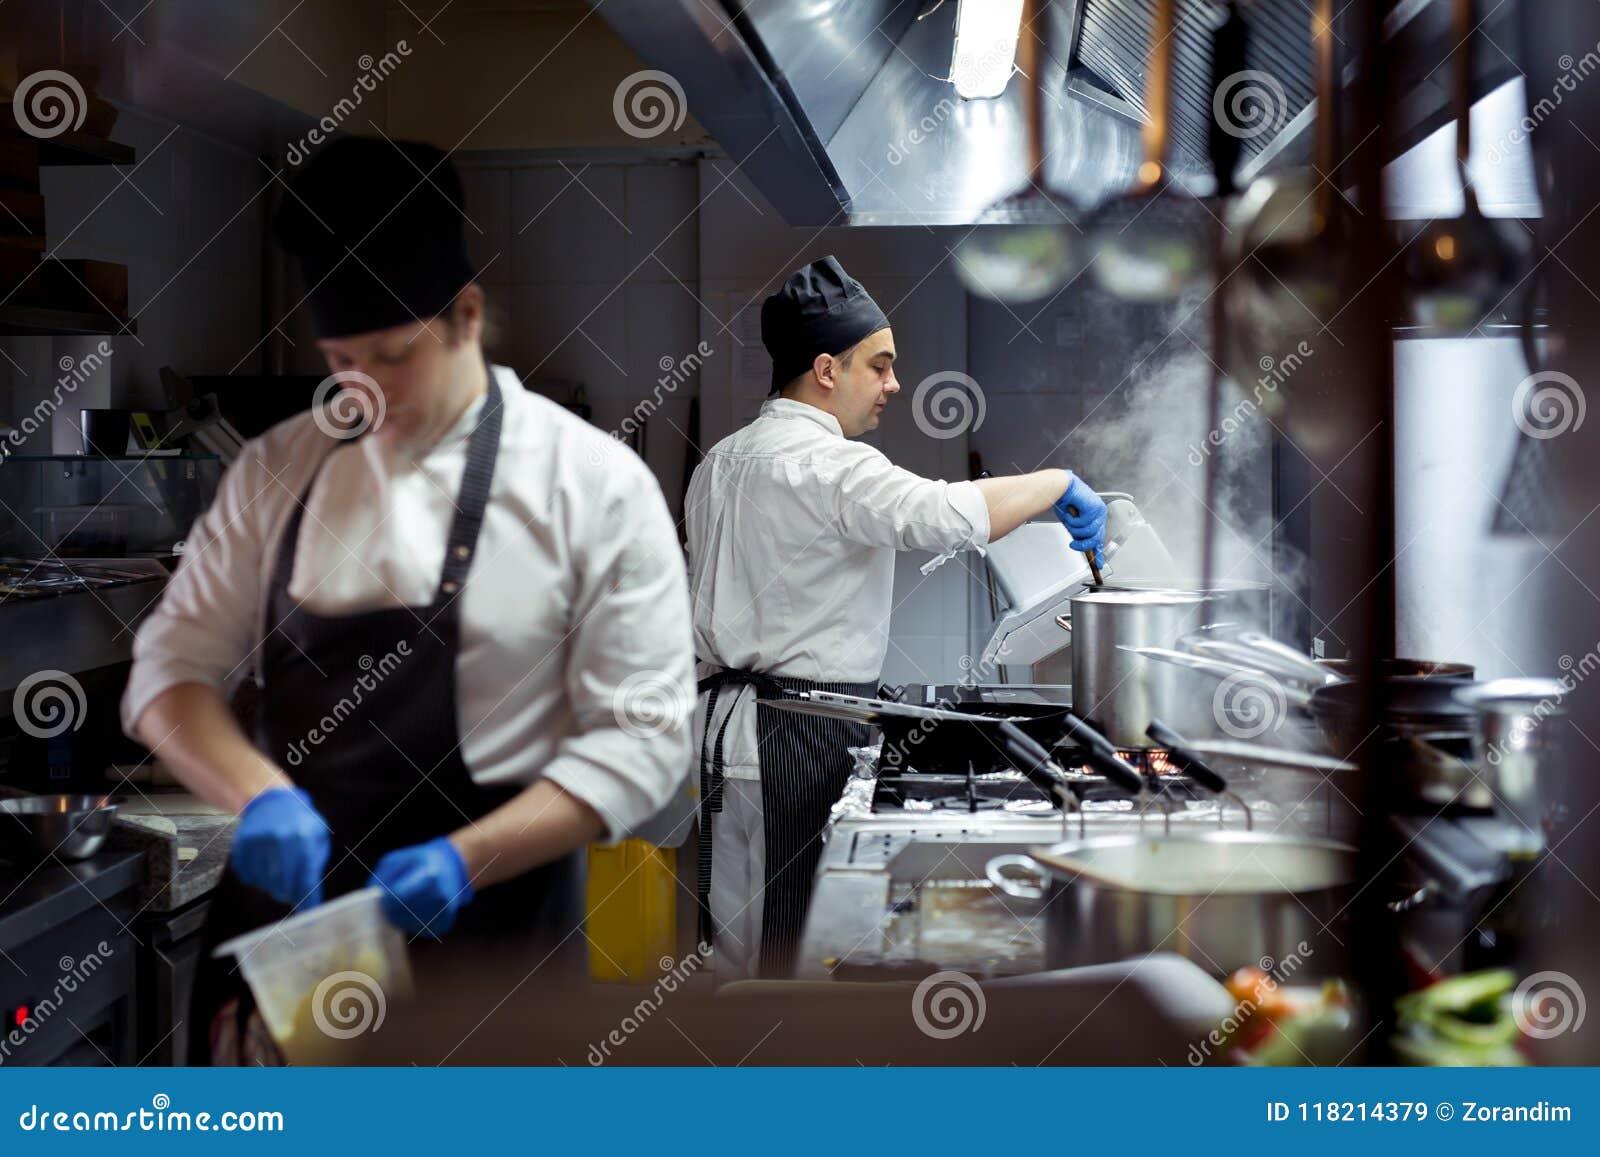 厨师准备食物的小组在餐馆的厨房里